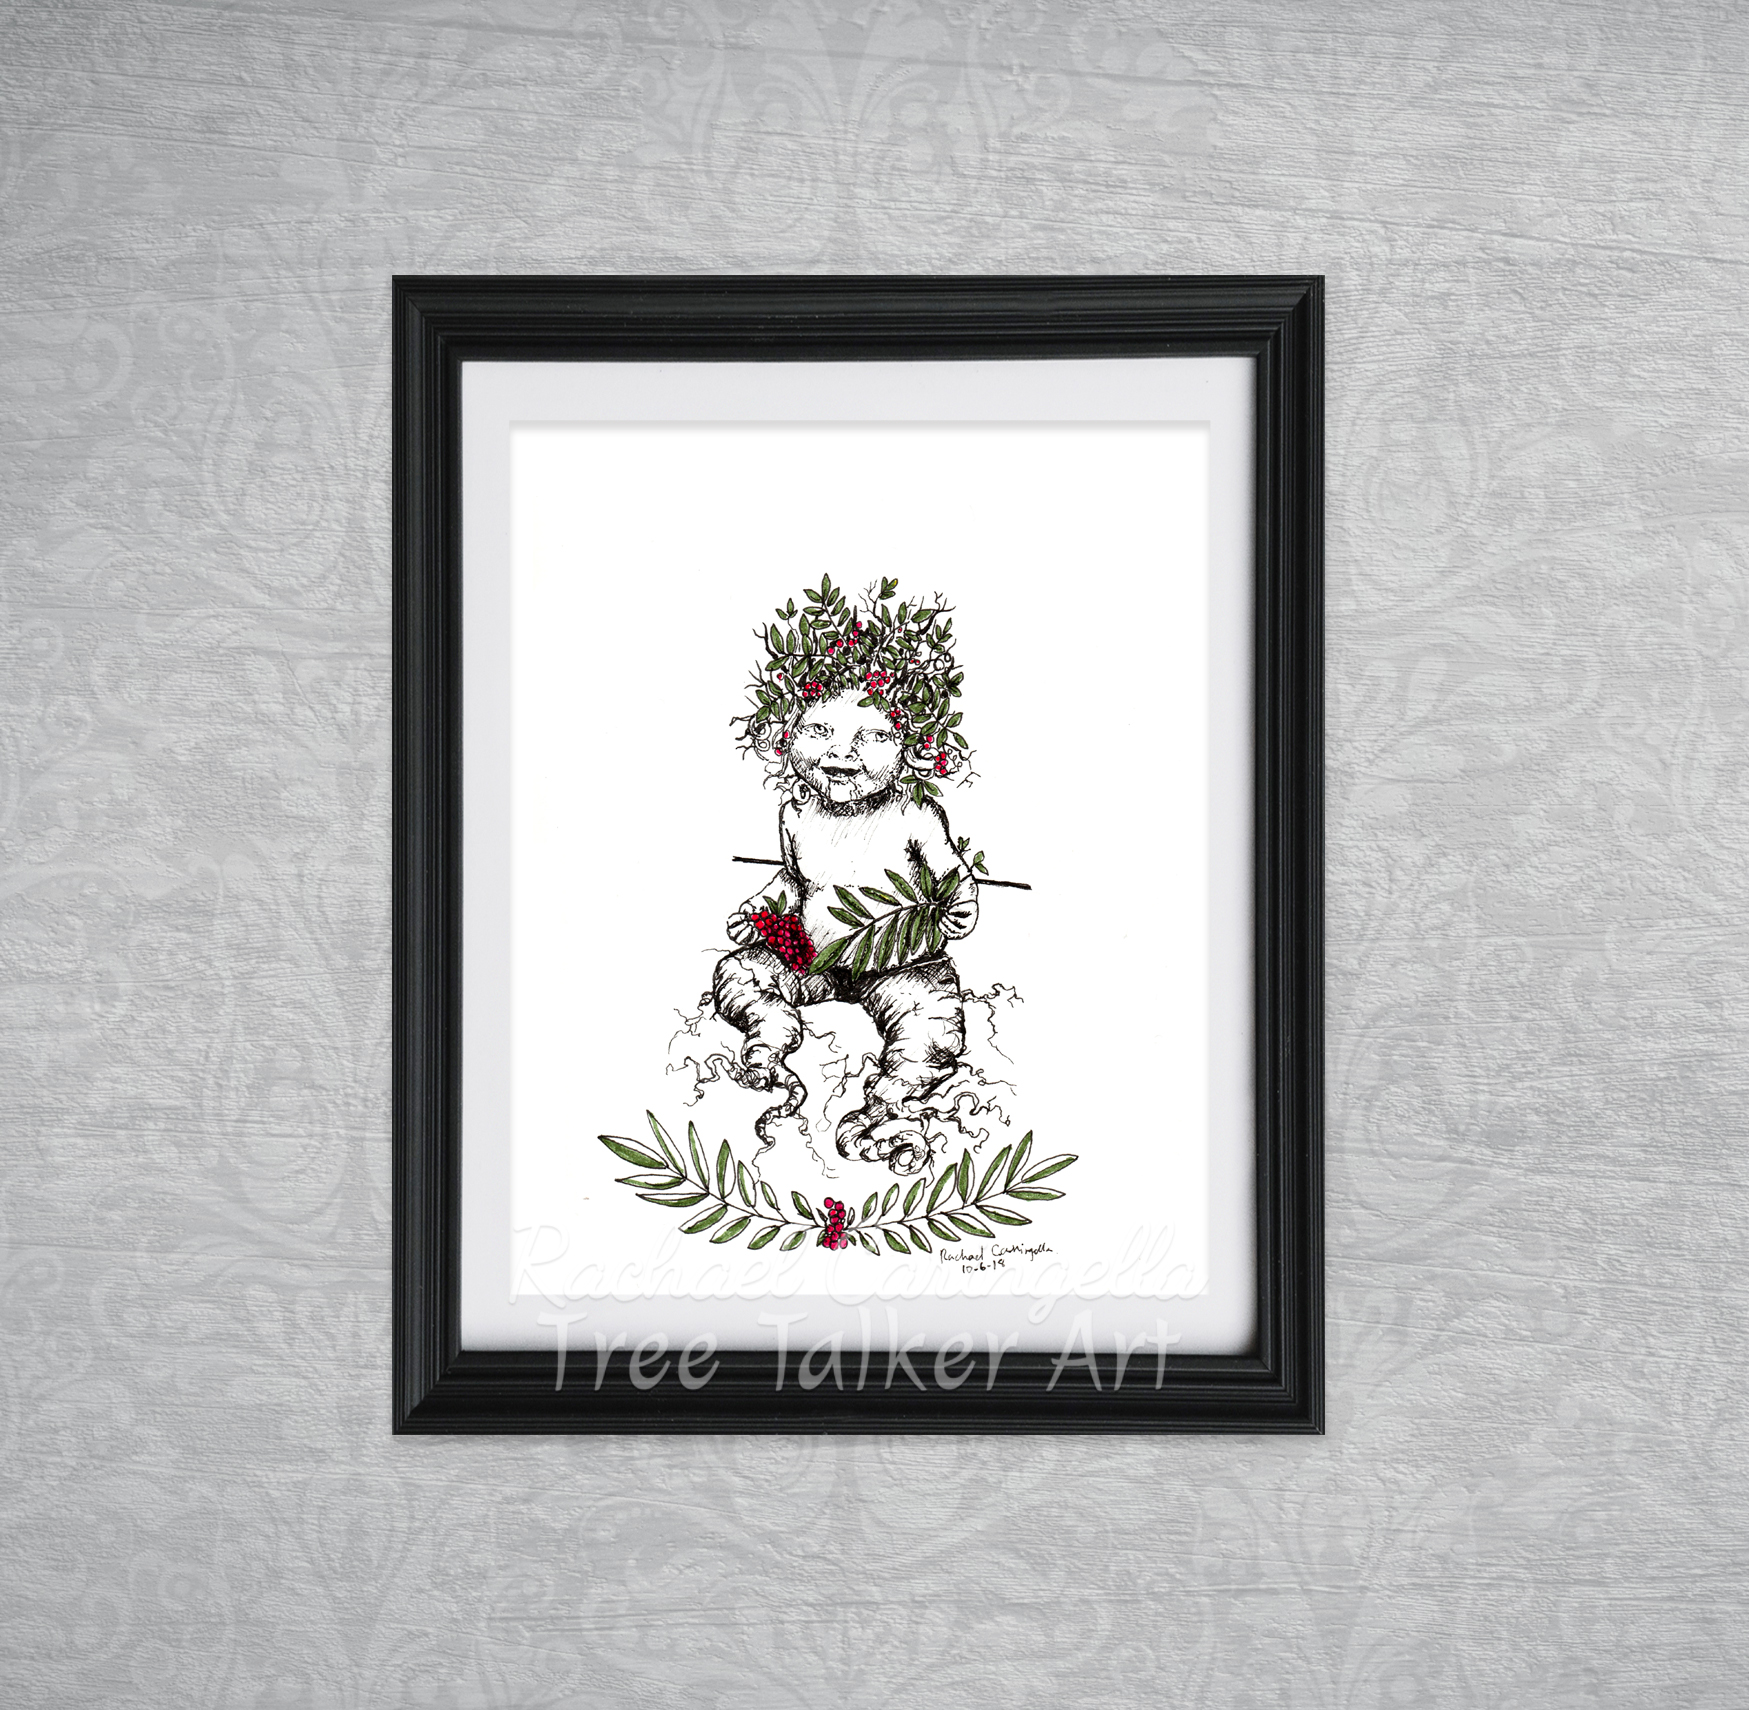 Mandrake Baby Tree Talker Art Inktober 2018 Illustration of Mandrake Baby Rowan